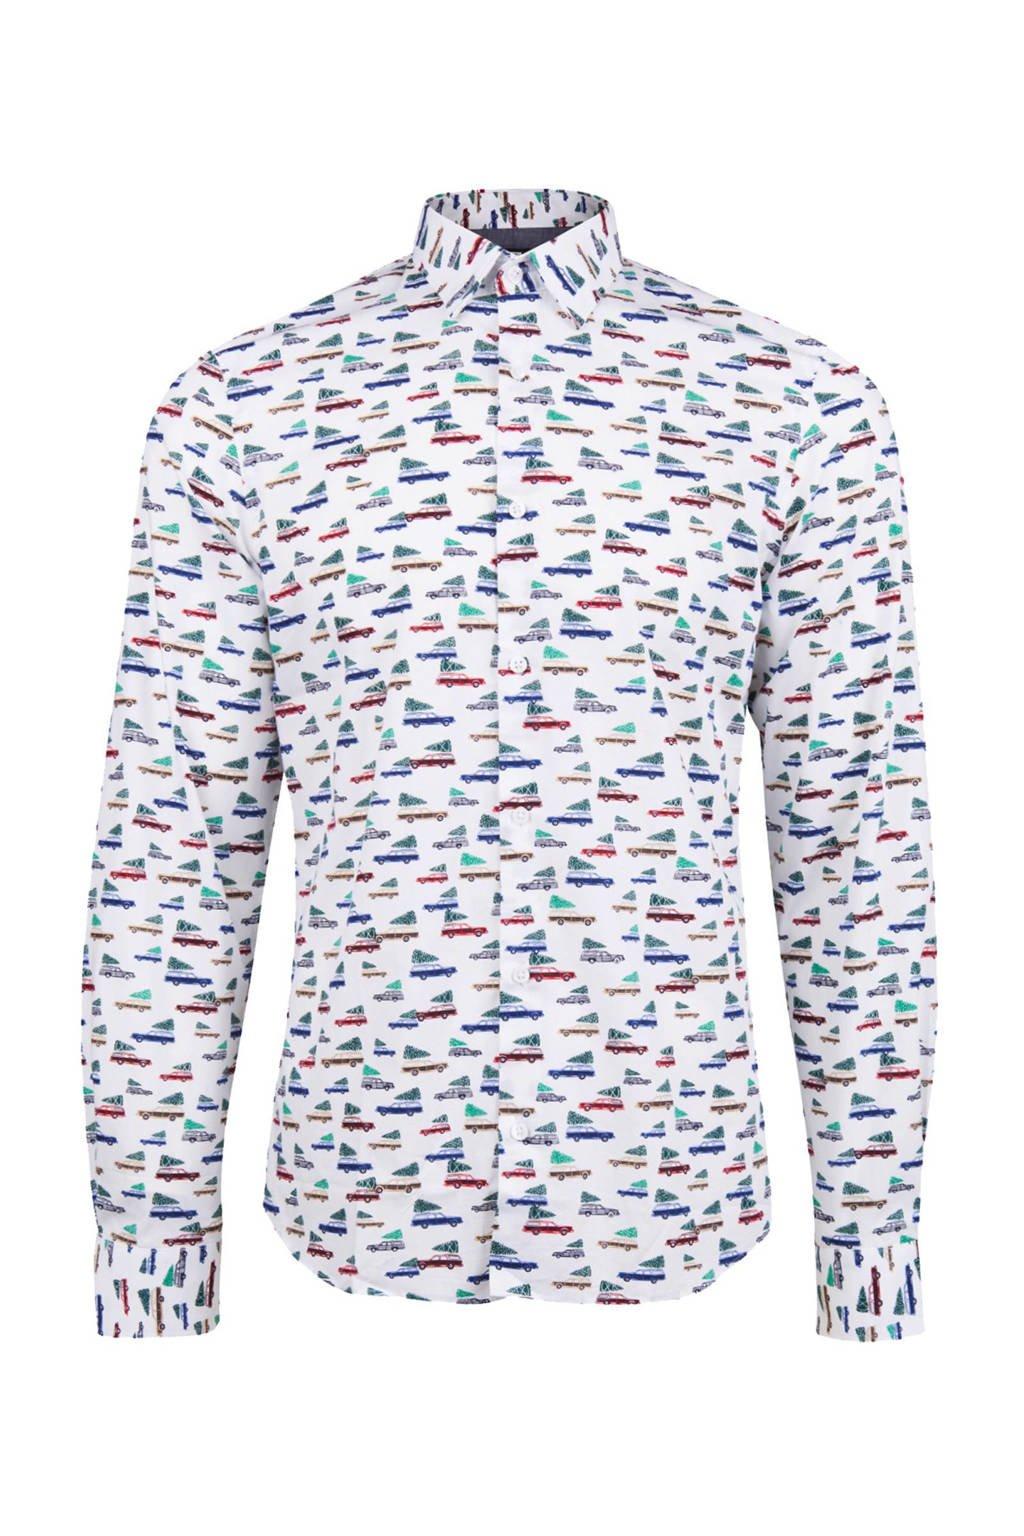 Overhemd Kerst.We Fashion Slim Fit Kerst Overhemd Wehkamp